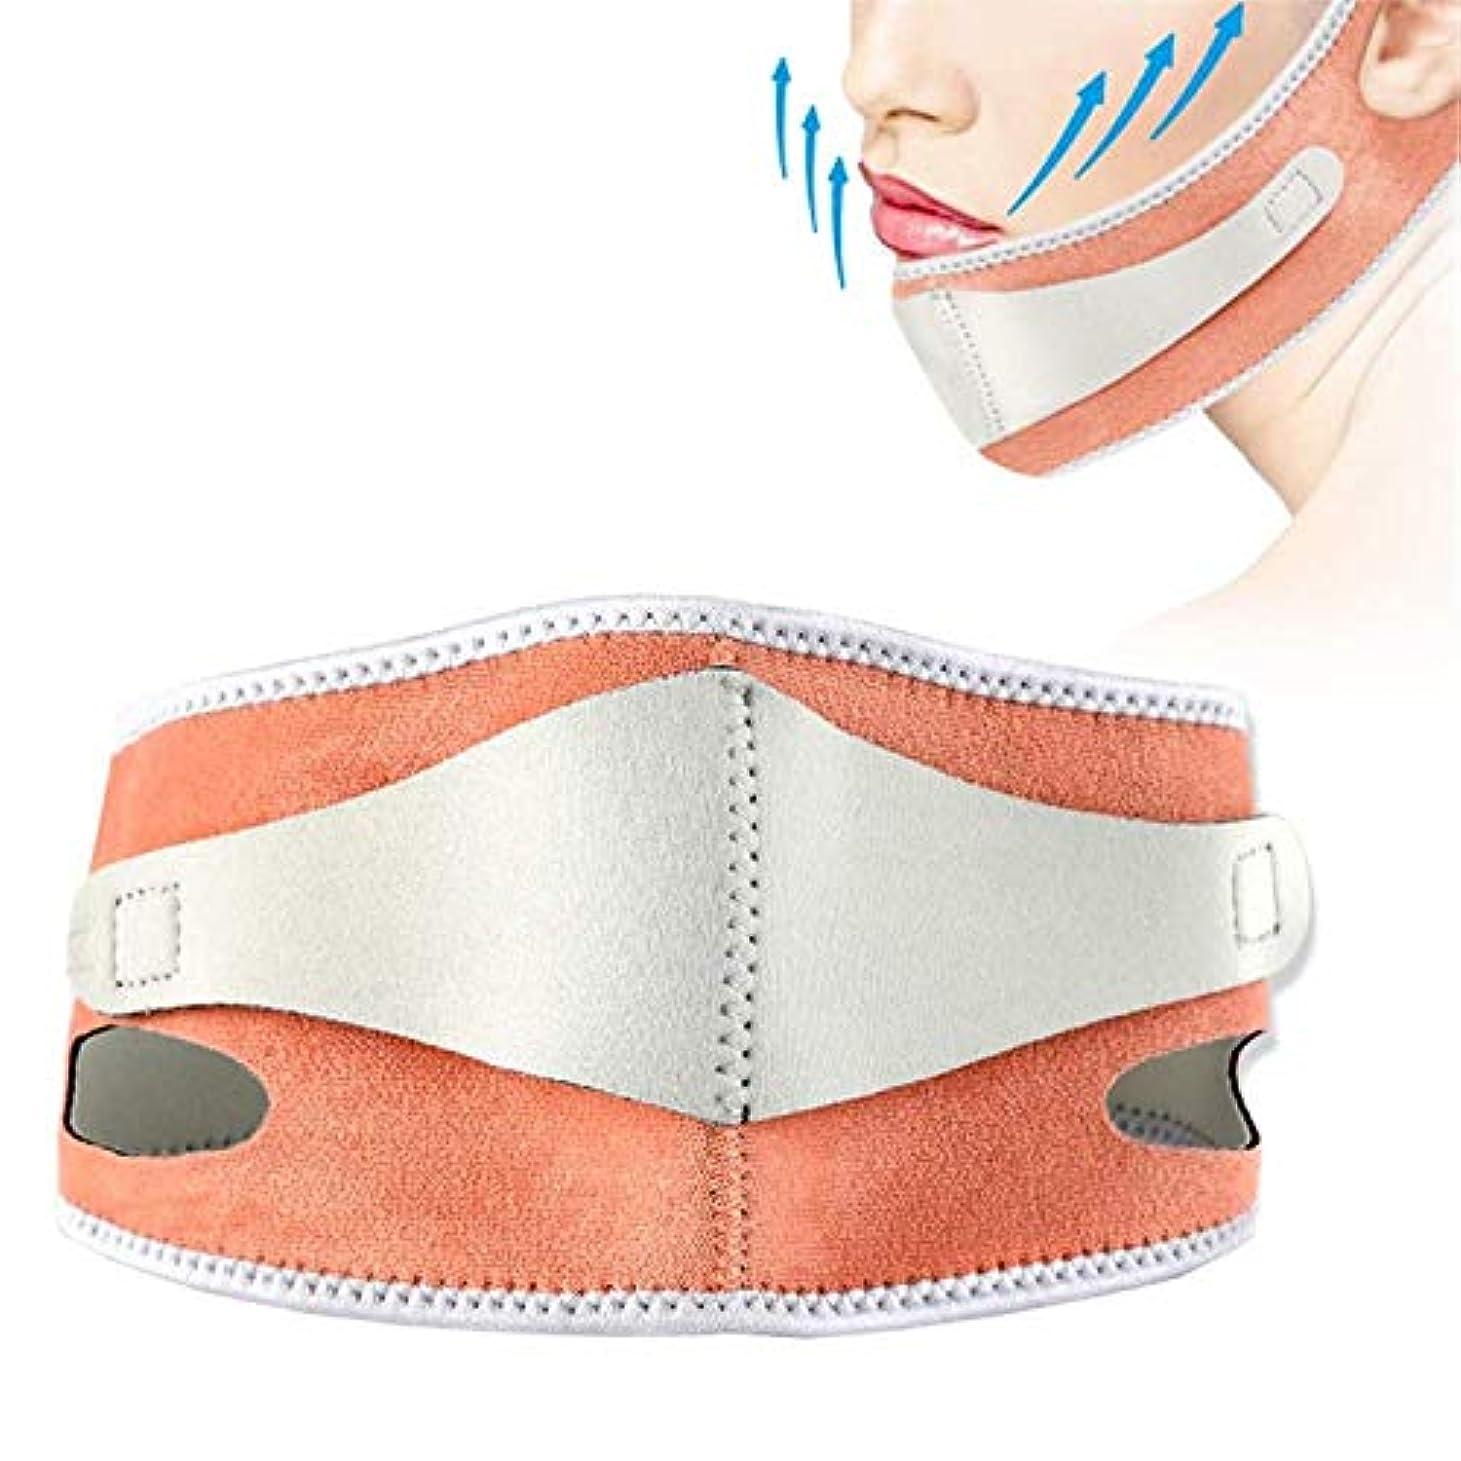 逆説信仰オフフェイシャルスリミングベルト、Vフェイスシェイピングベルト、頬補強ベルト、美容弾性スリーブ薄い顔術後回復包帯、減量包帯を削除するには二重あご、フェイスリフト減量睡眠マスク包帯